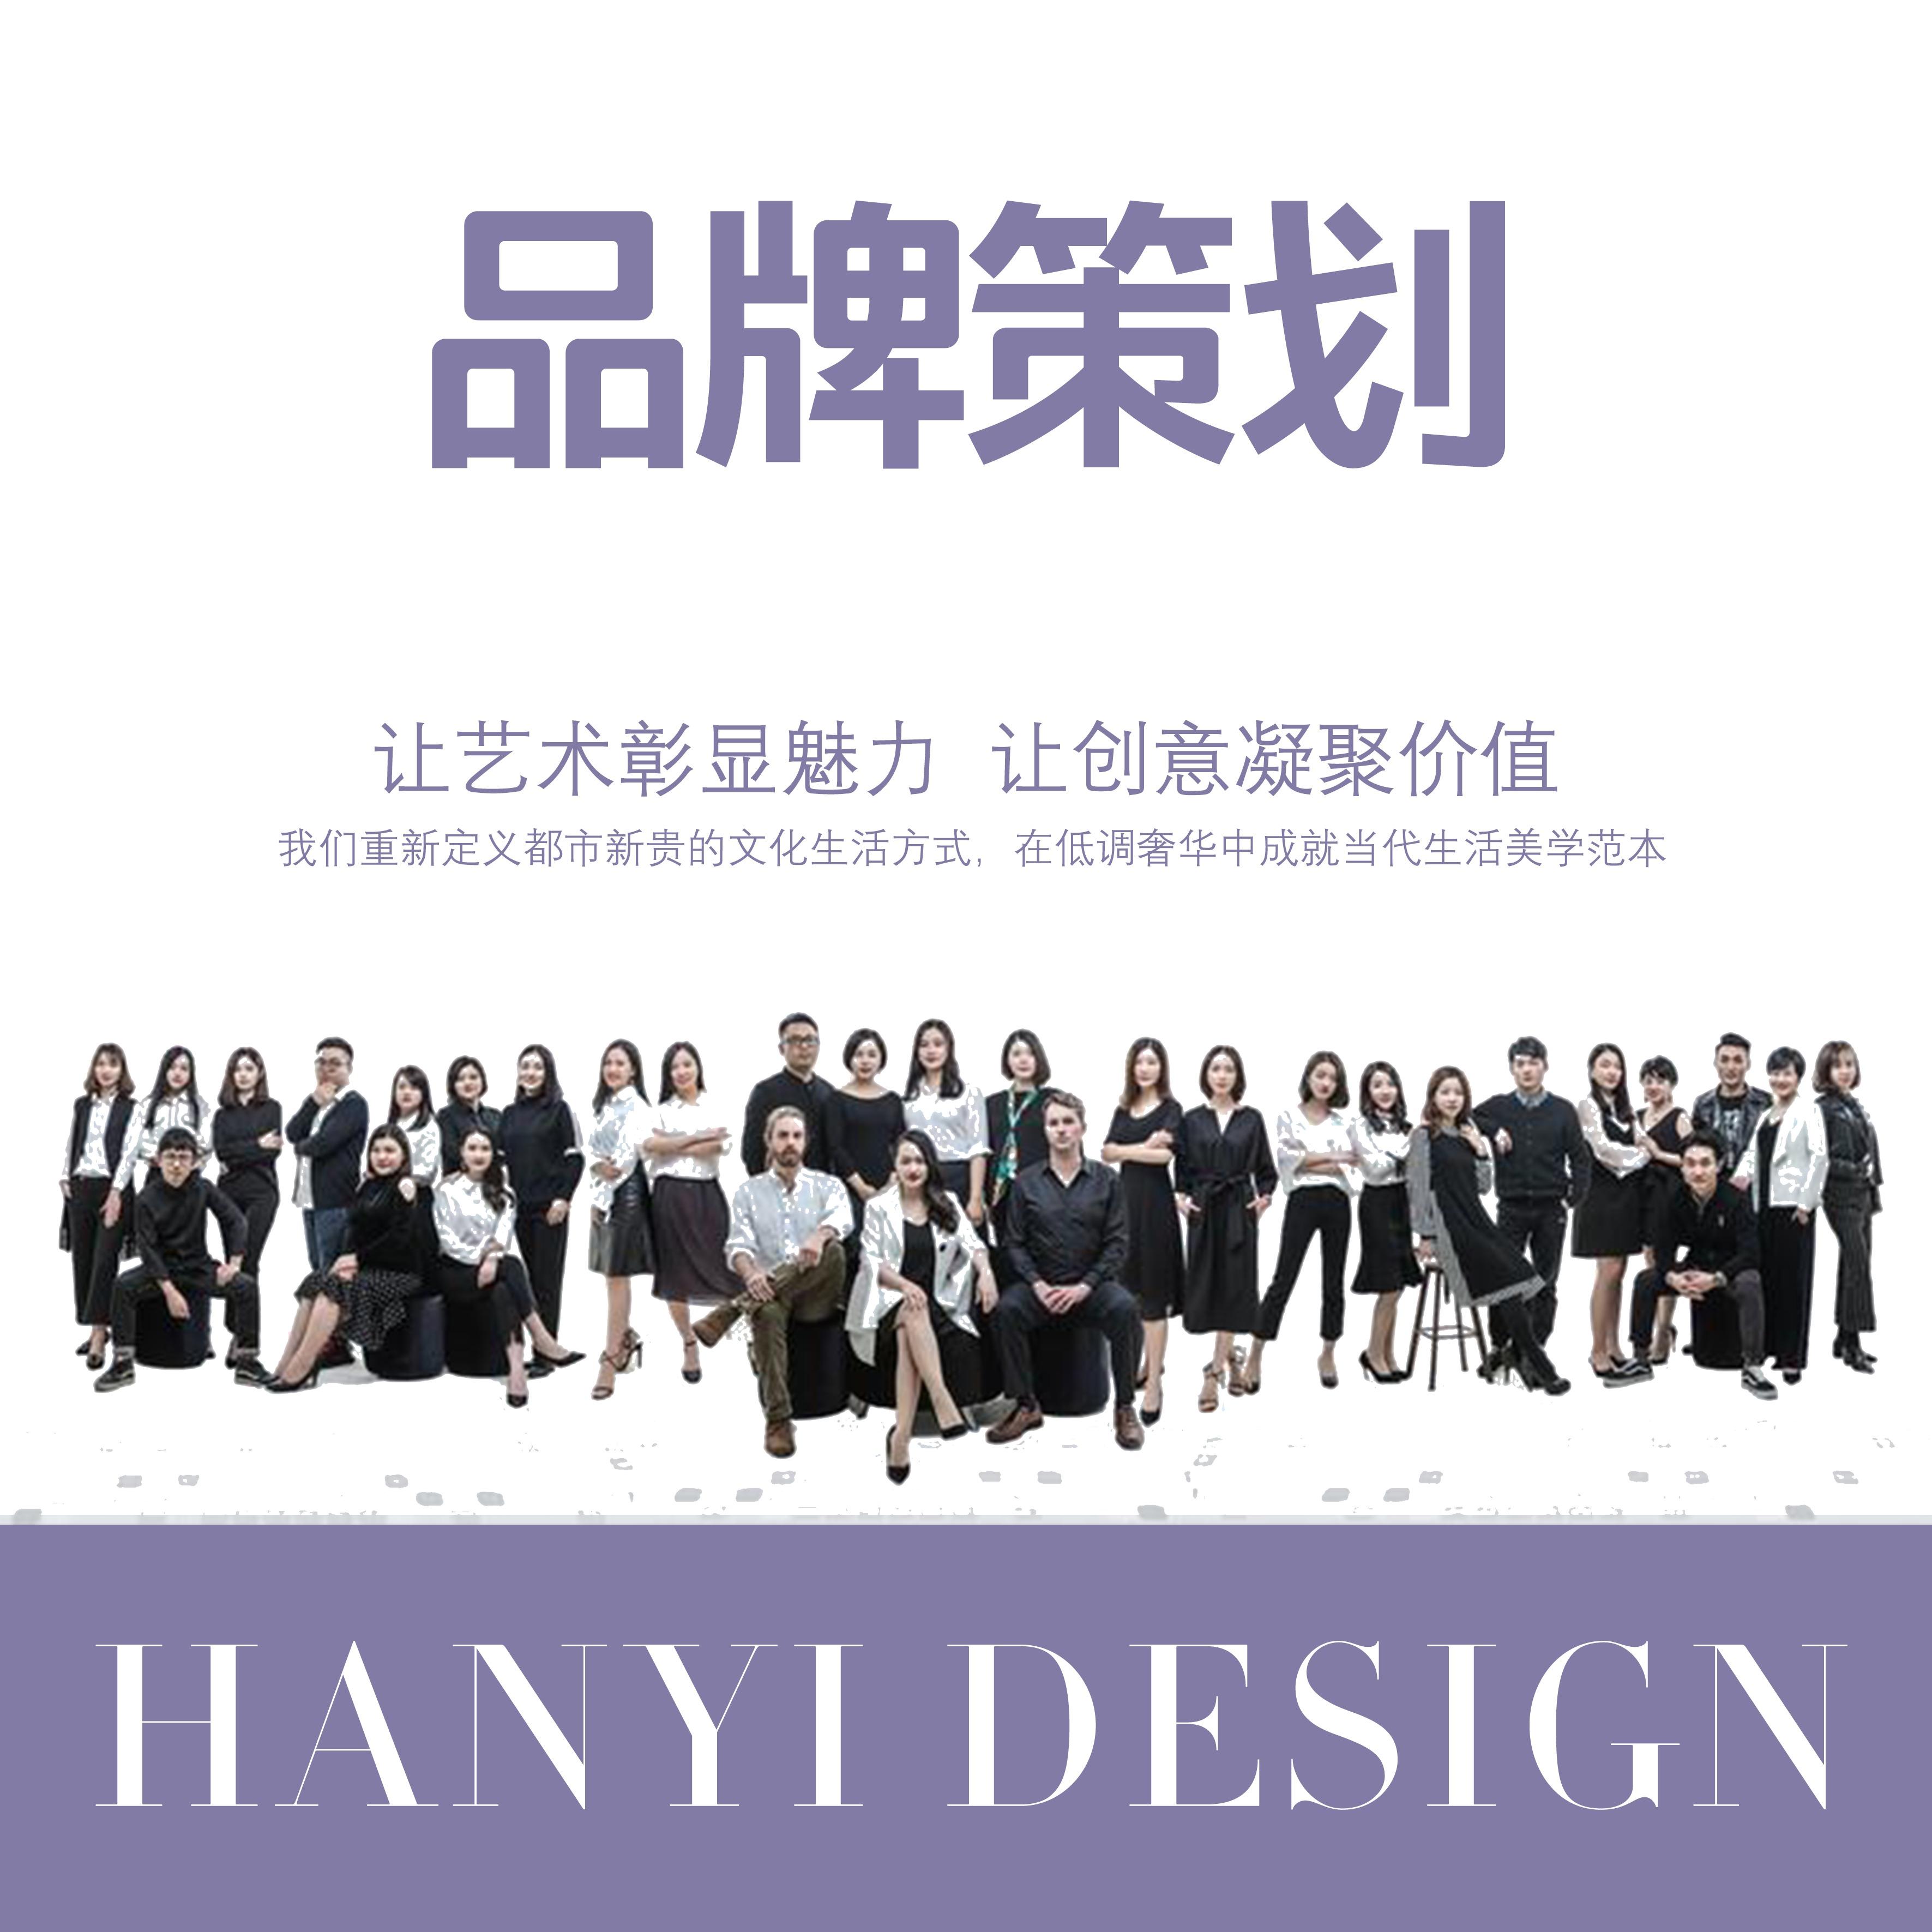 【品牌策划】品牌故事营销公司简介产品定位广告语创意文案撰写